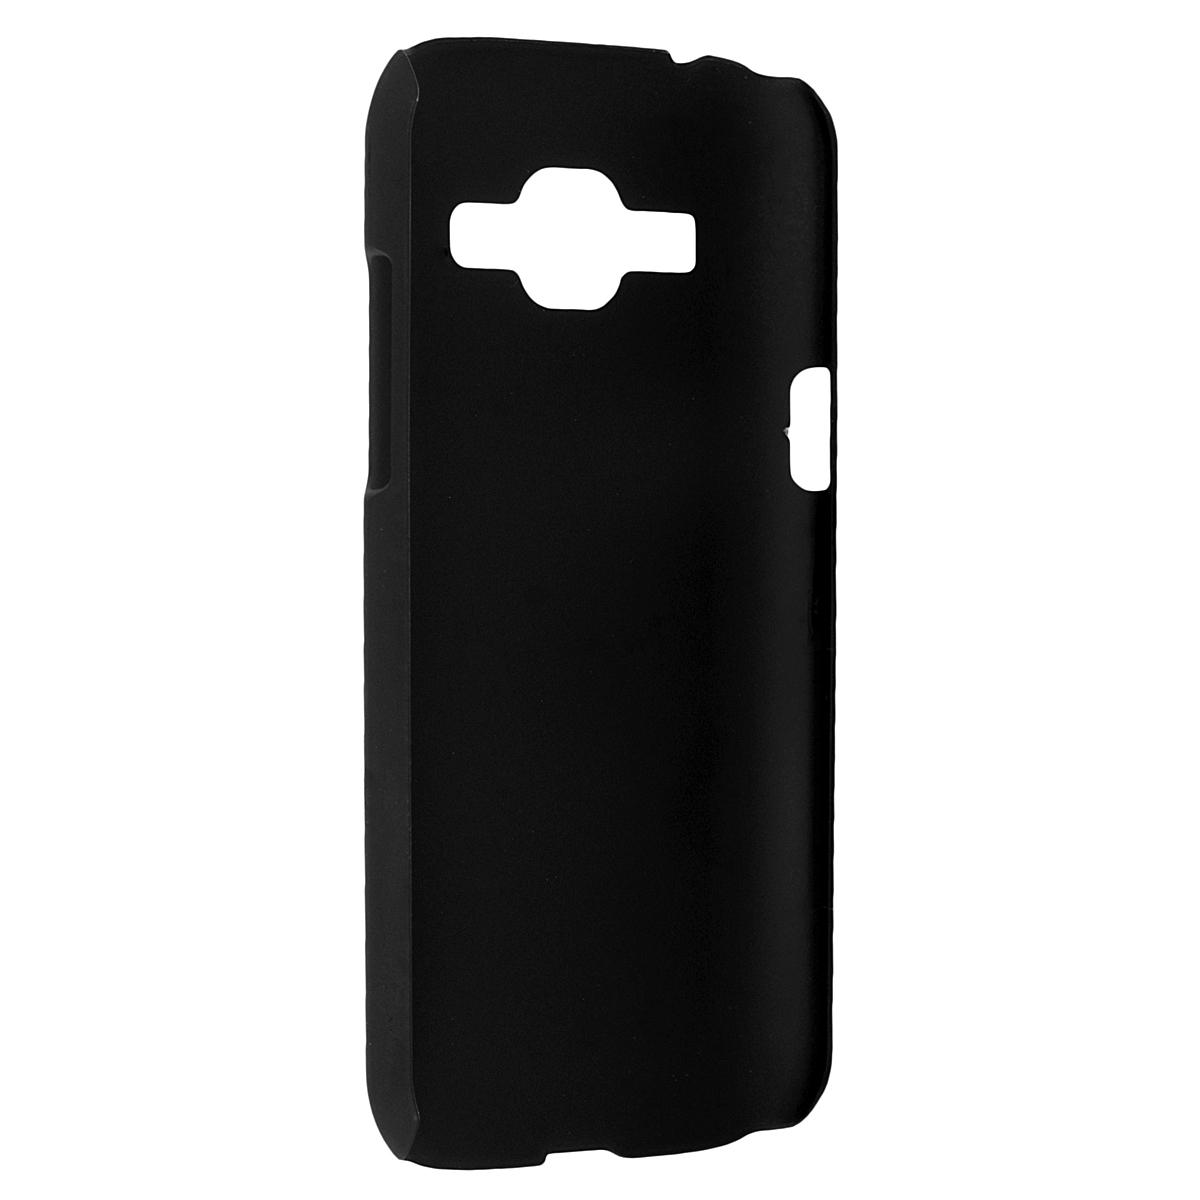 Skinbox Shield 4People чехол для Samsung J1 3G DS, BlackT-S-SJ13G-002Чехол Skinbox Shield 4People для Samsung Galaxy J1 предназначен для защиты корпуса смартфона от механических повреждений и царапин в процессе эксплуатации. Имеется свободный доступ ко всем разъемам и кнопкам устройства. В комплект также входит защитная пленка на экран телефона.